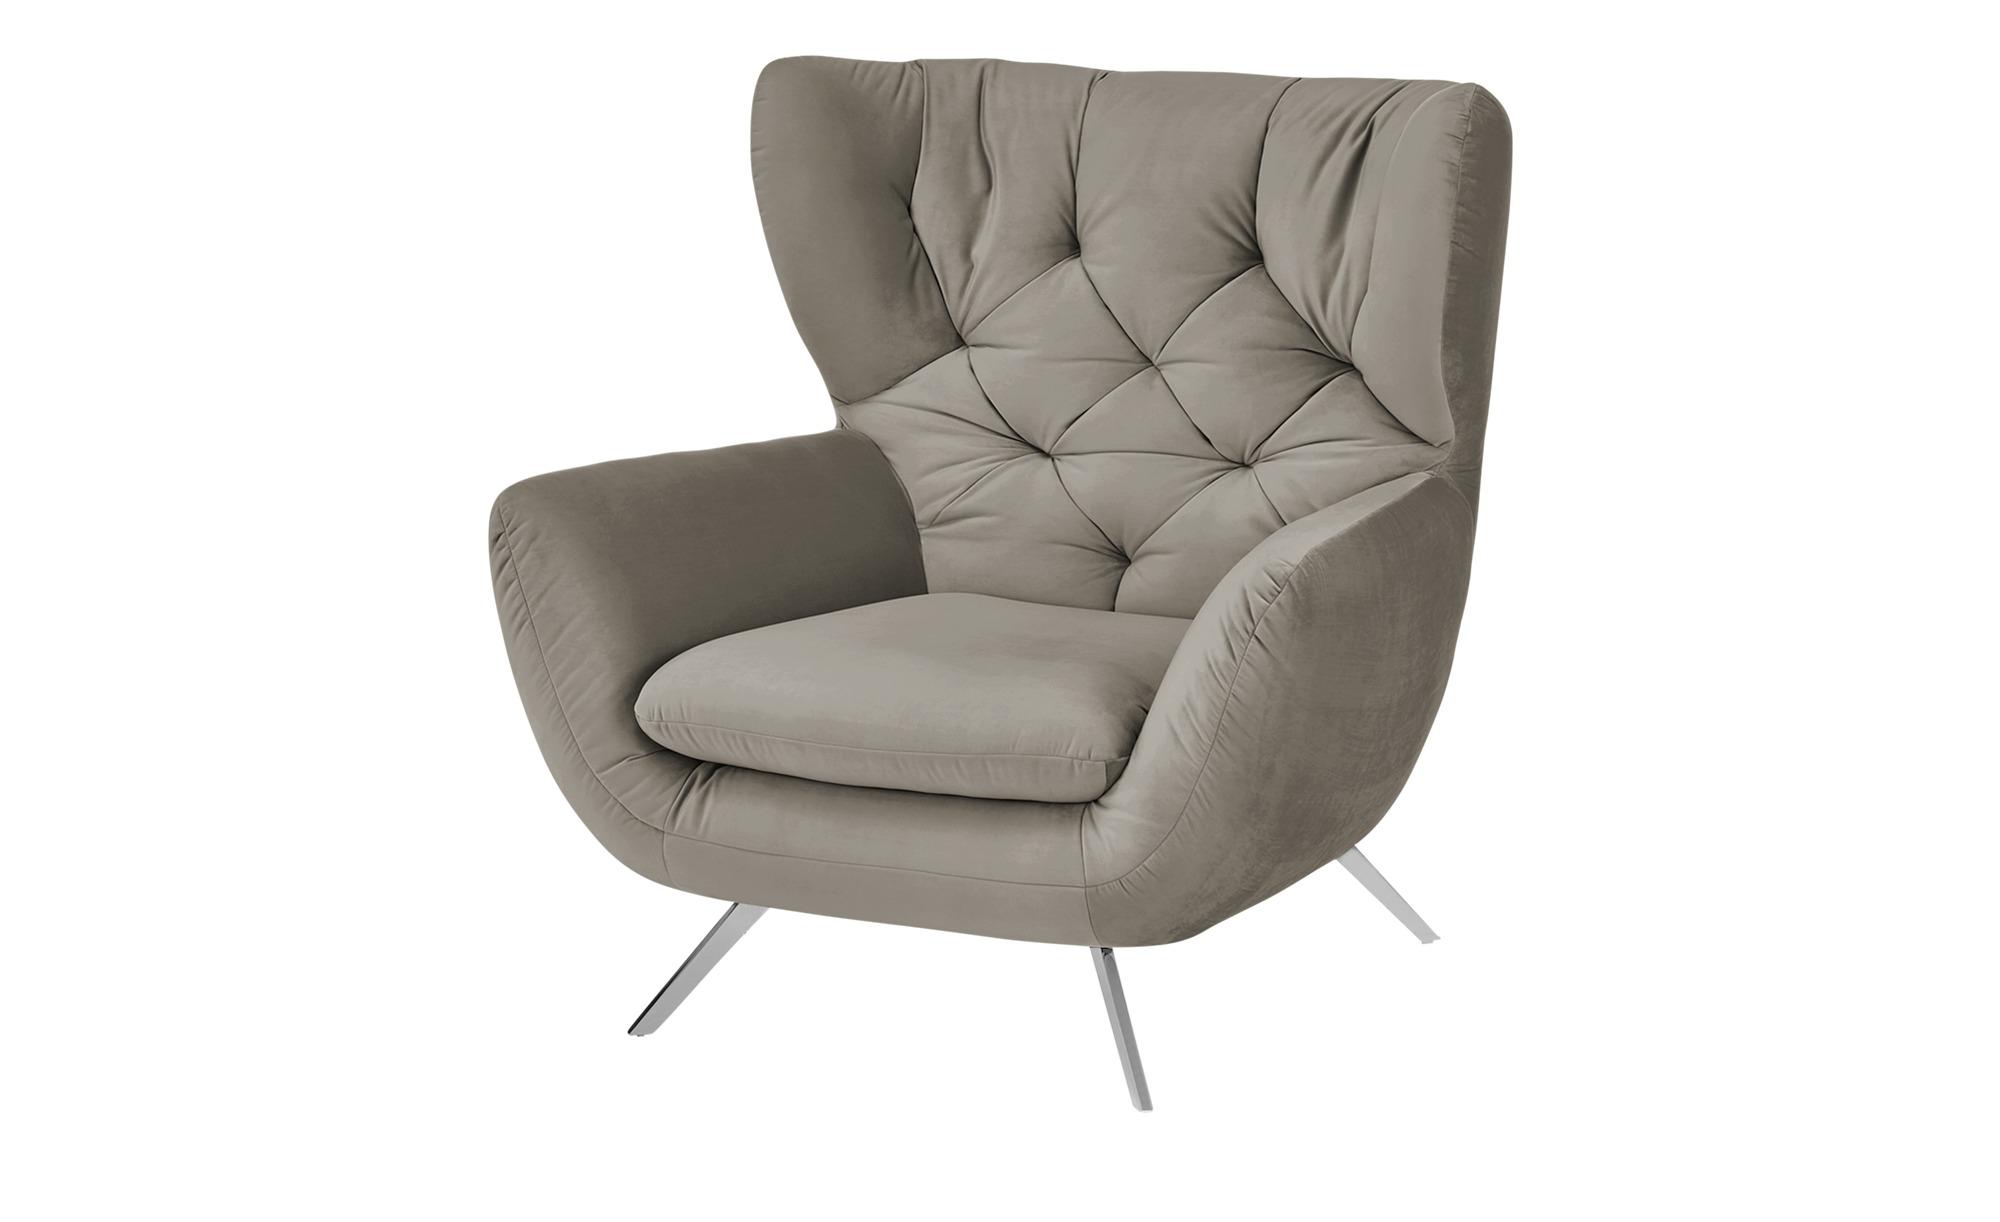 Hochlehnsessel  Caldara ¦ grau ¦ Maße (cm): B: 100 H: 106 T: 95 Polstermöbel > Sessel > Polstersessel - Höffner